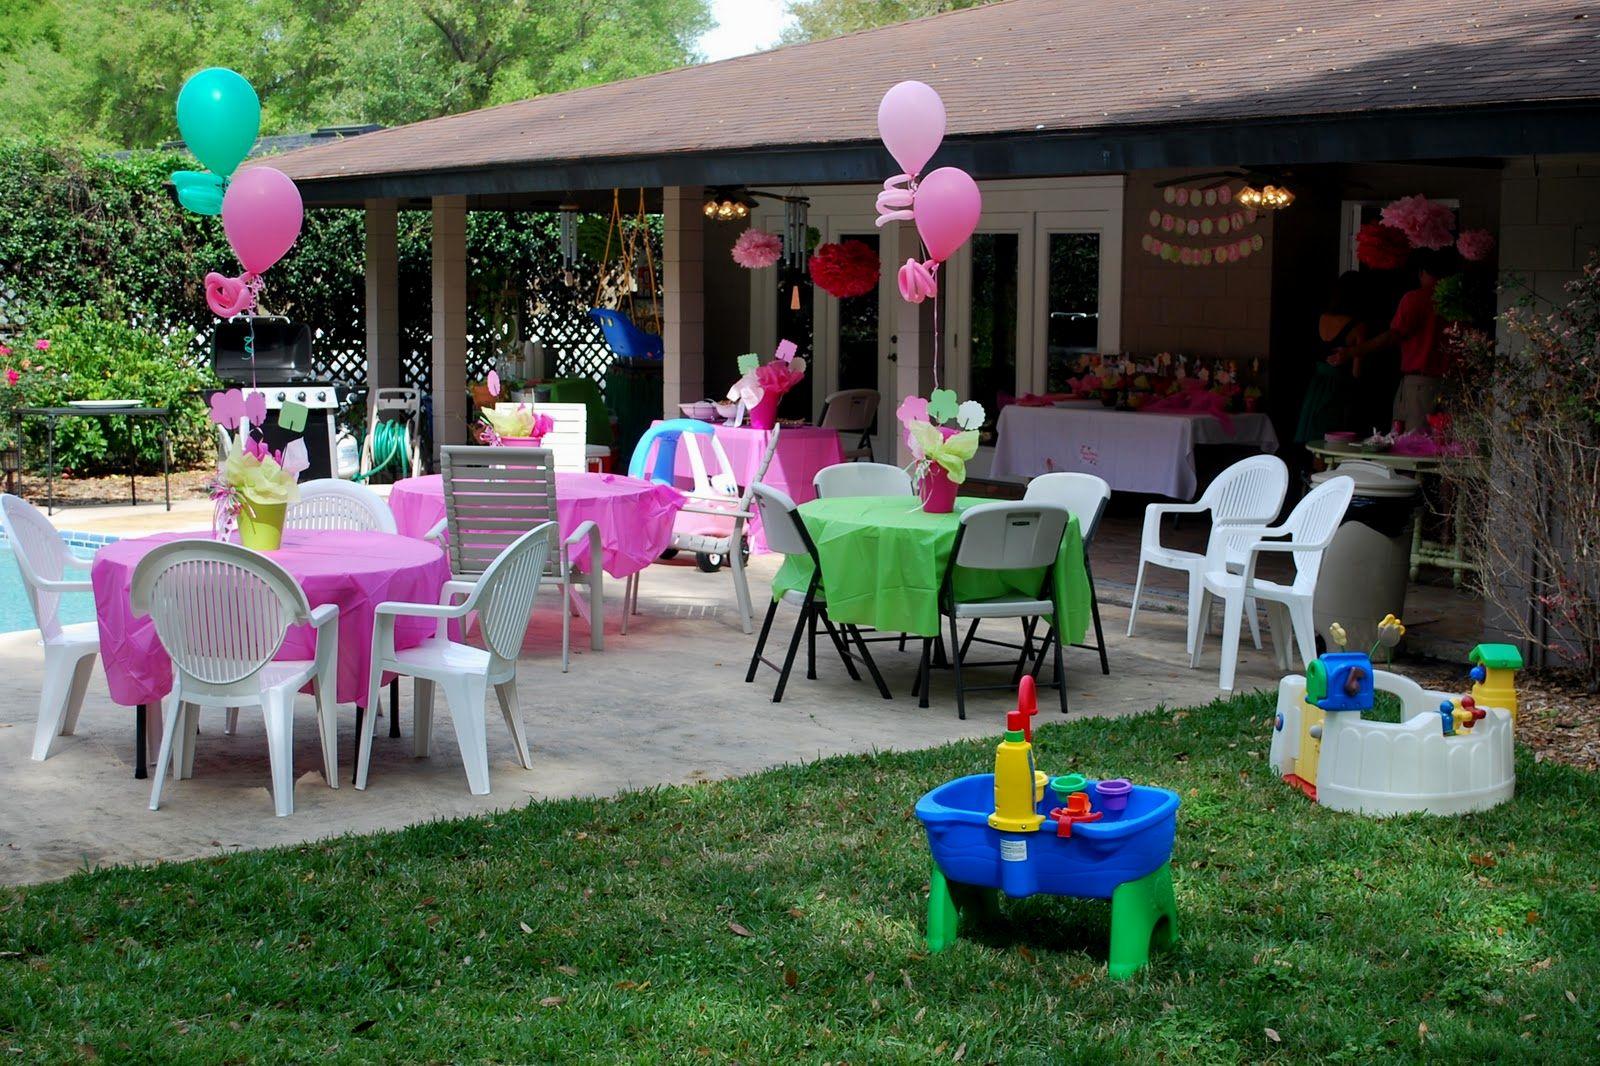 Partydeko mit Ballonen im Hinterhof